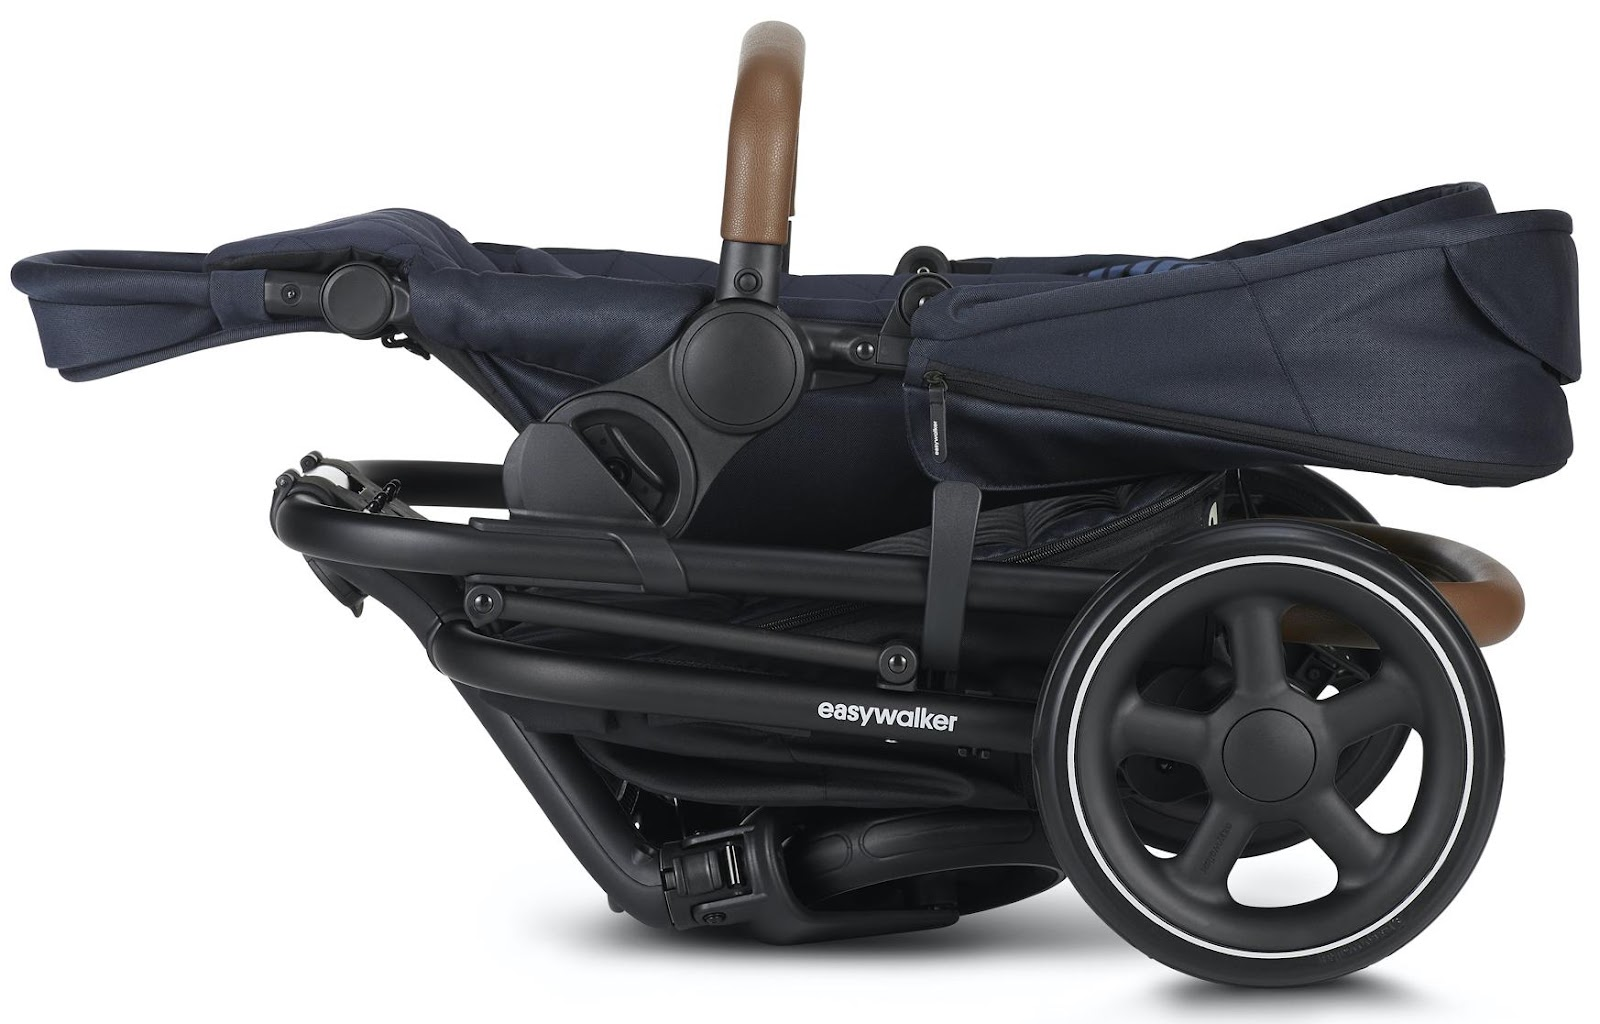 Изображение выглядит как мотоцикл, дорога, черный, внешнийАвтоматически созданное описание